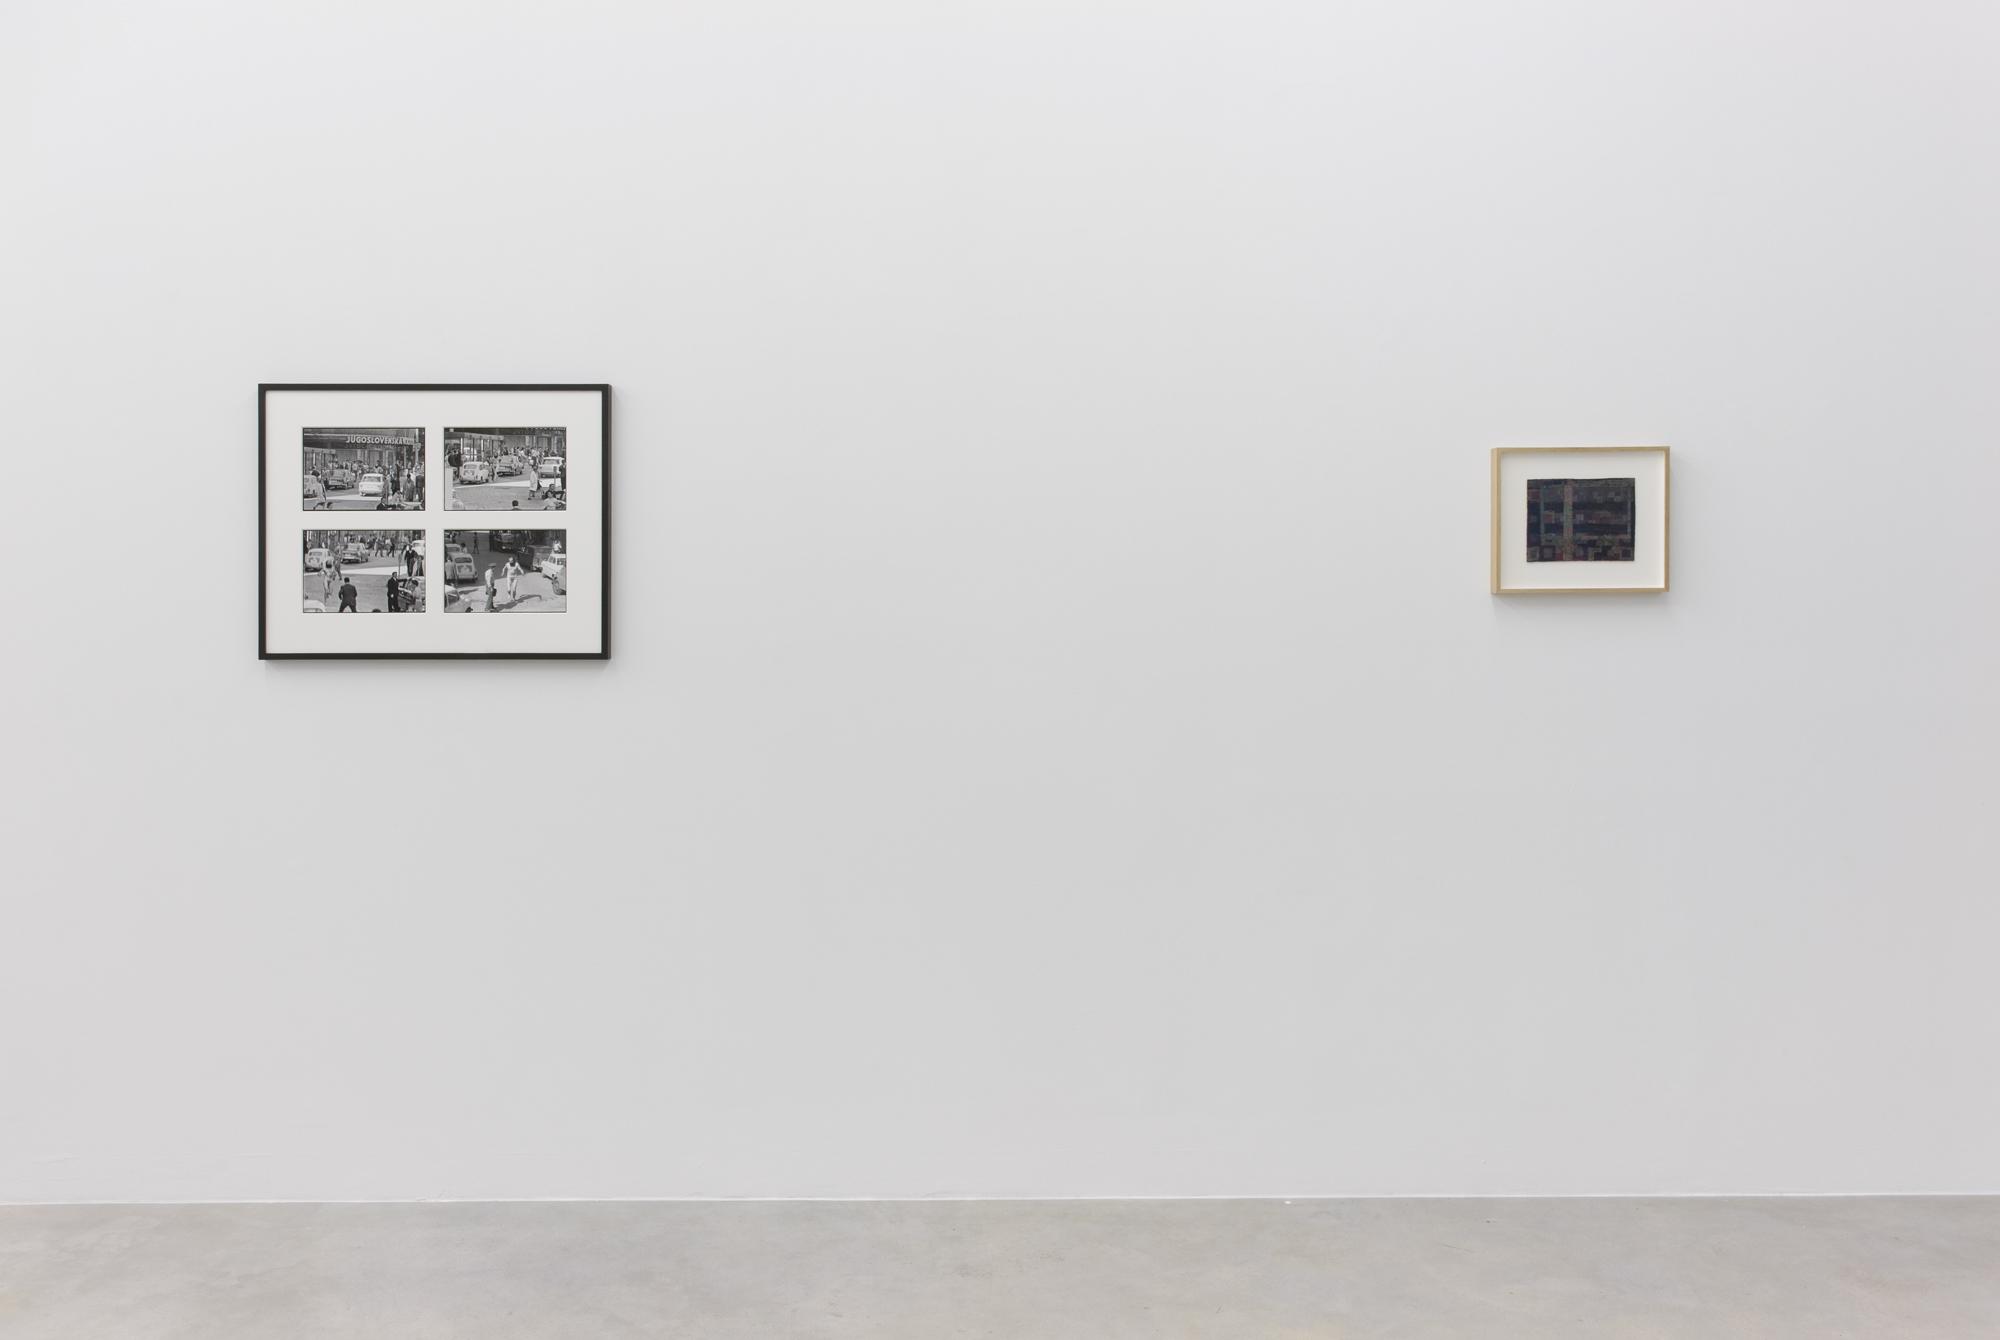 Exhibition view, Galerija Gregor Podnar, Berlin, 2016. Photo: Marcus Schneider